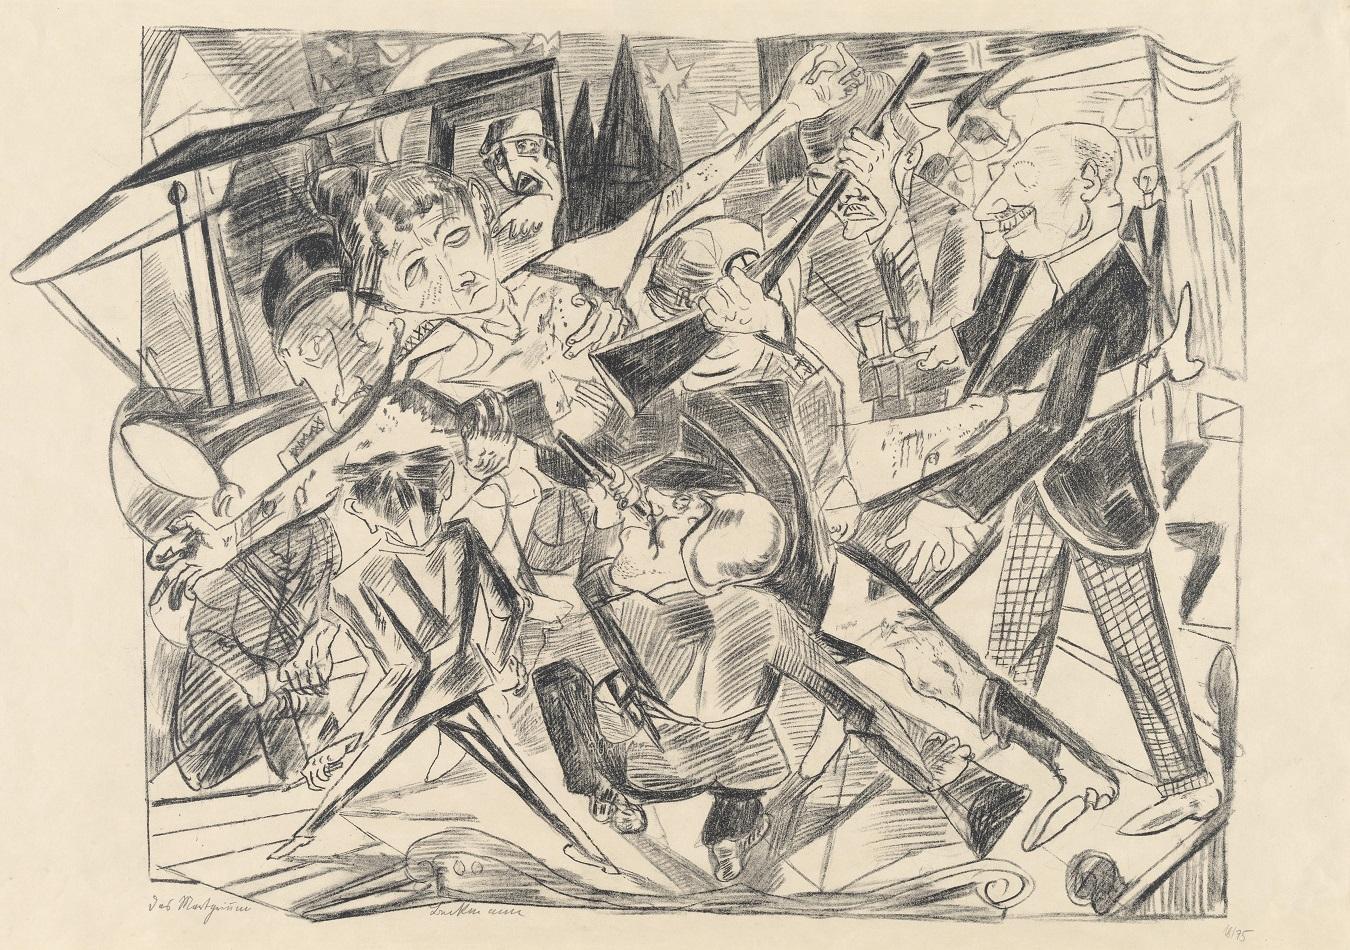 Max Beckmann, Das Martyrium (Folge: Die Hölle, Blatt 3), 1919, Lithographie, 61 x 87 cm, © Sammlung Hegewisch/courtesy Hamburger Kunsthalle © VG Bild-Kunst, Bonn  2020, Foto: Christoph Irrgang